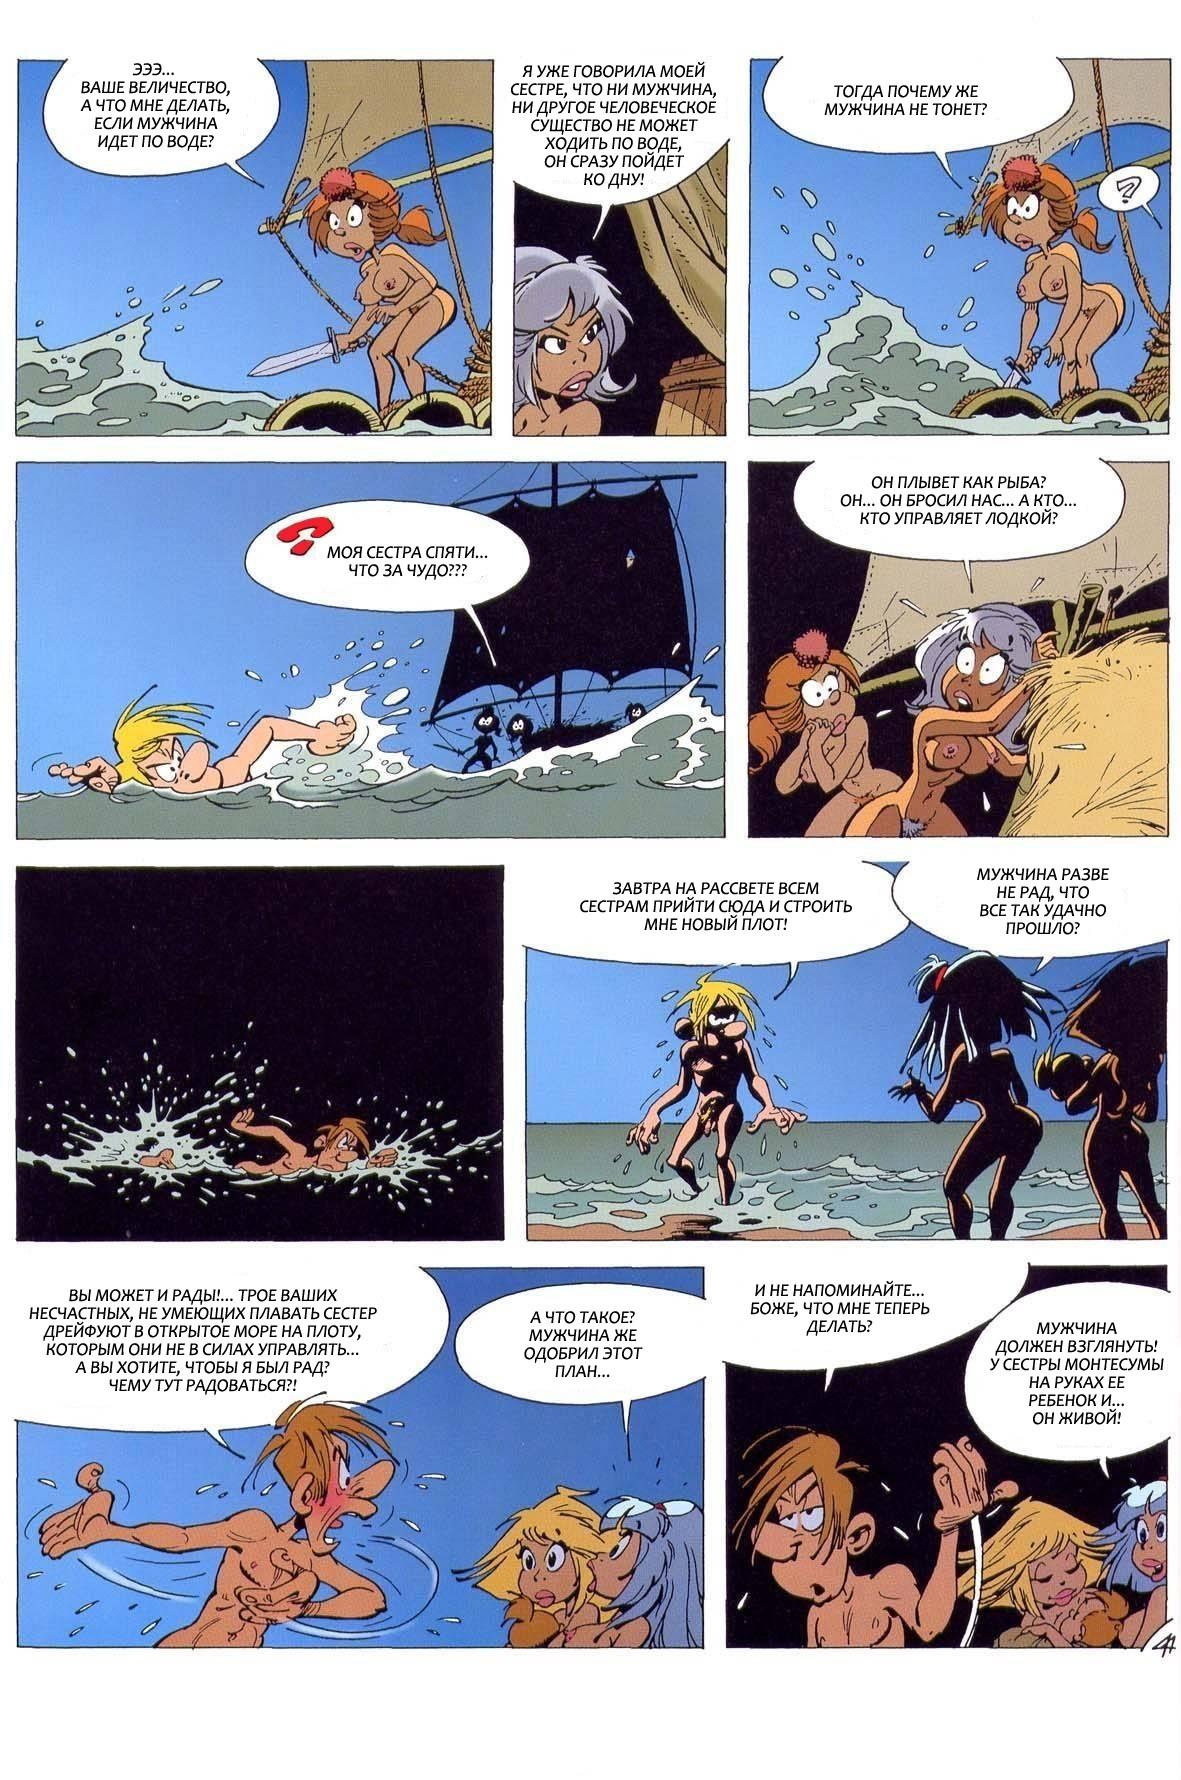 Порно комикс ненсчастное плавонье